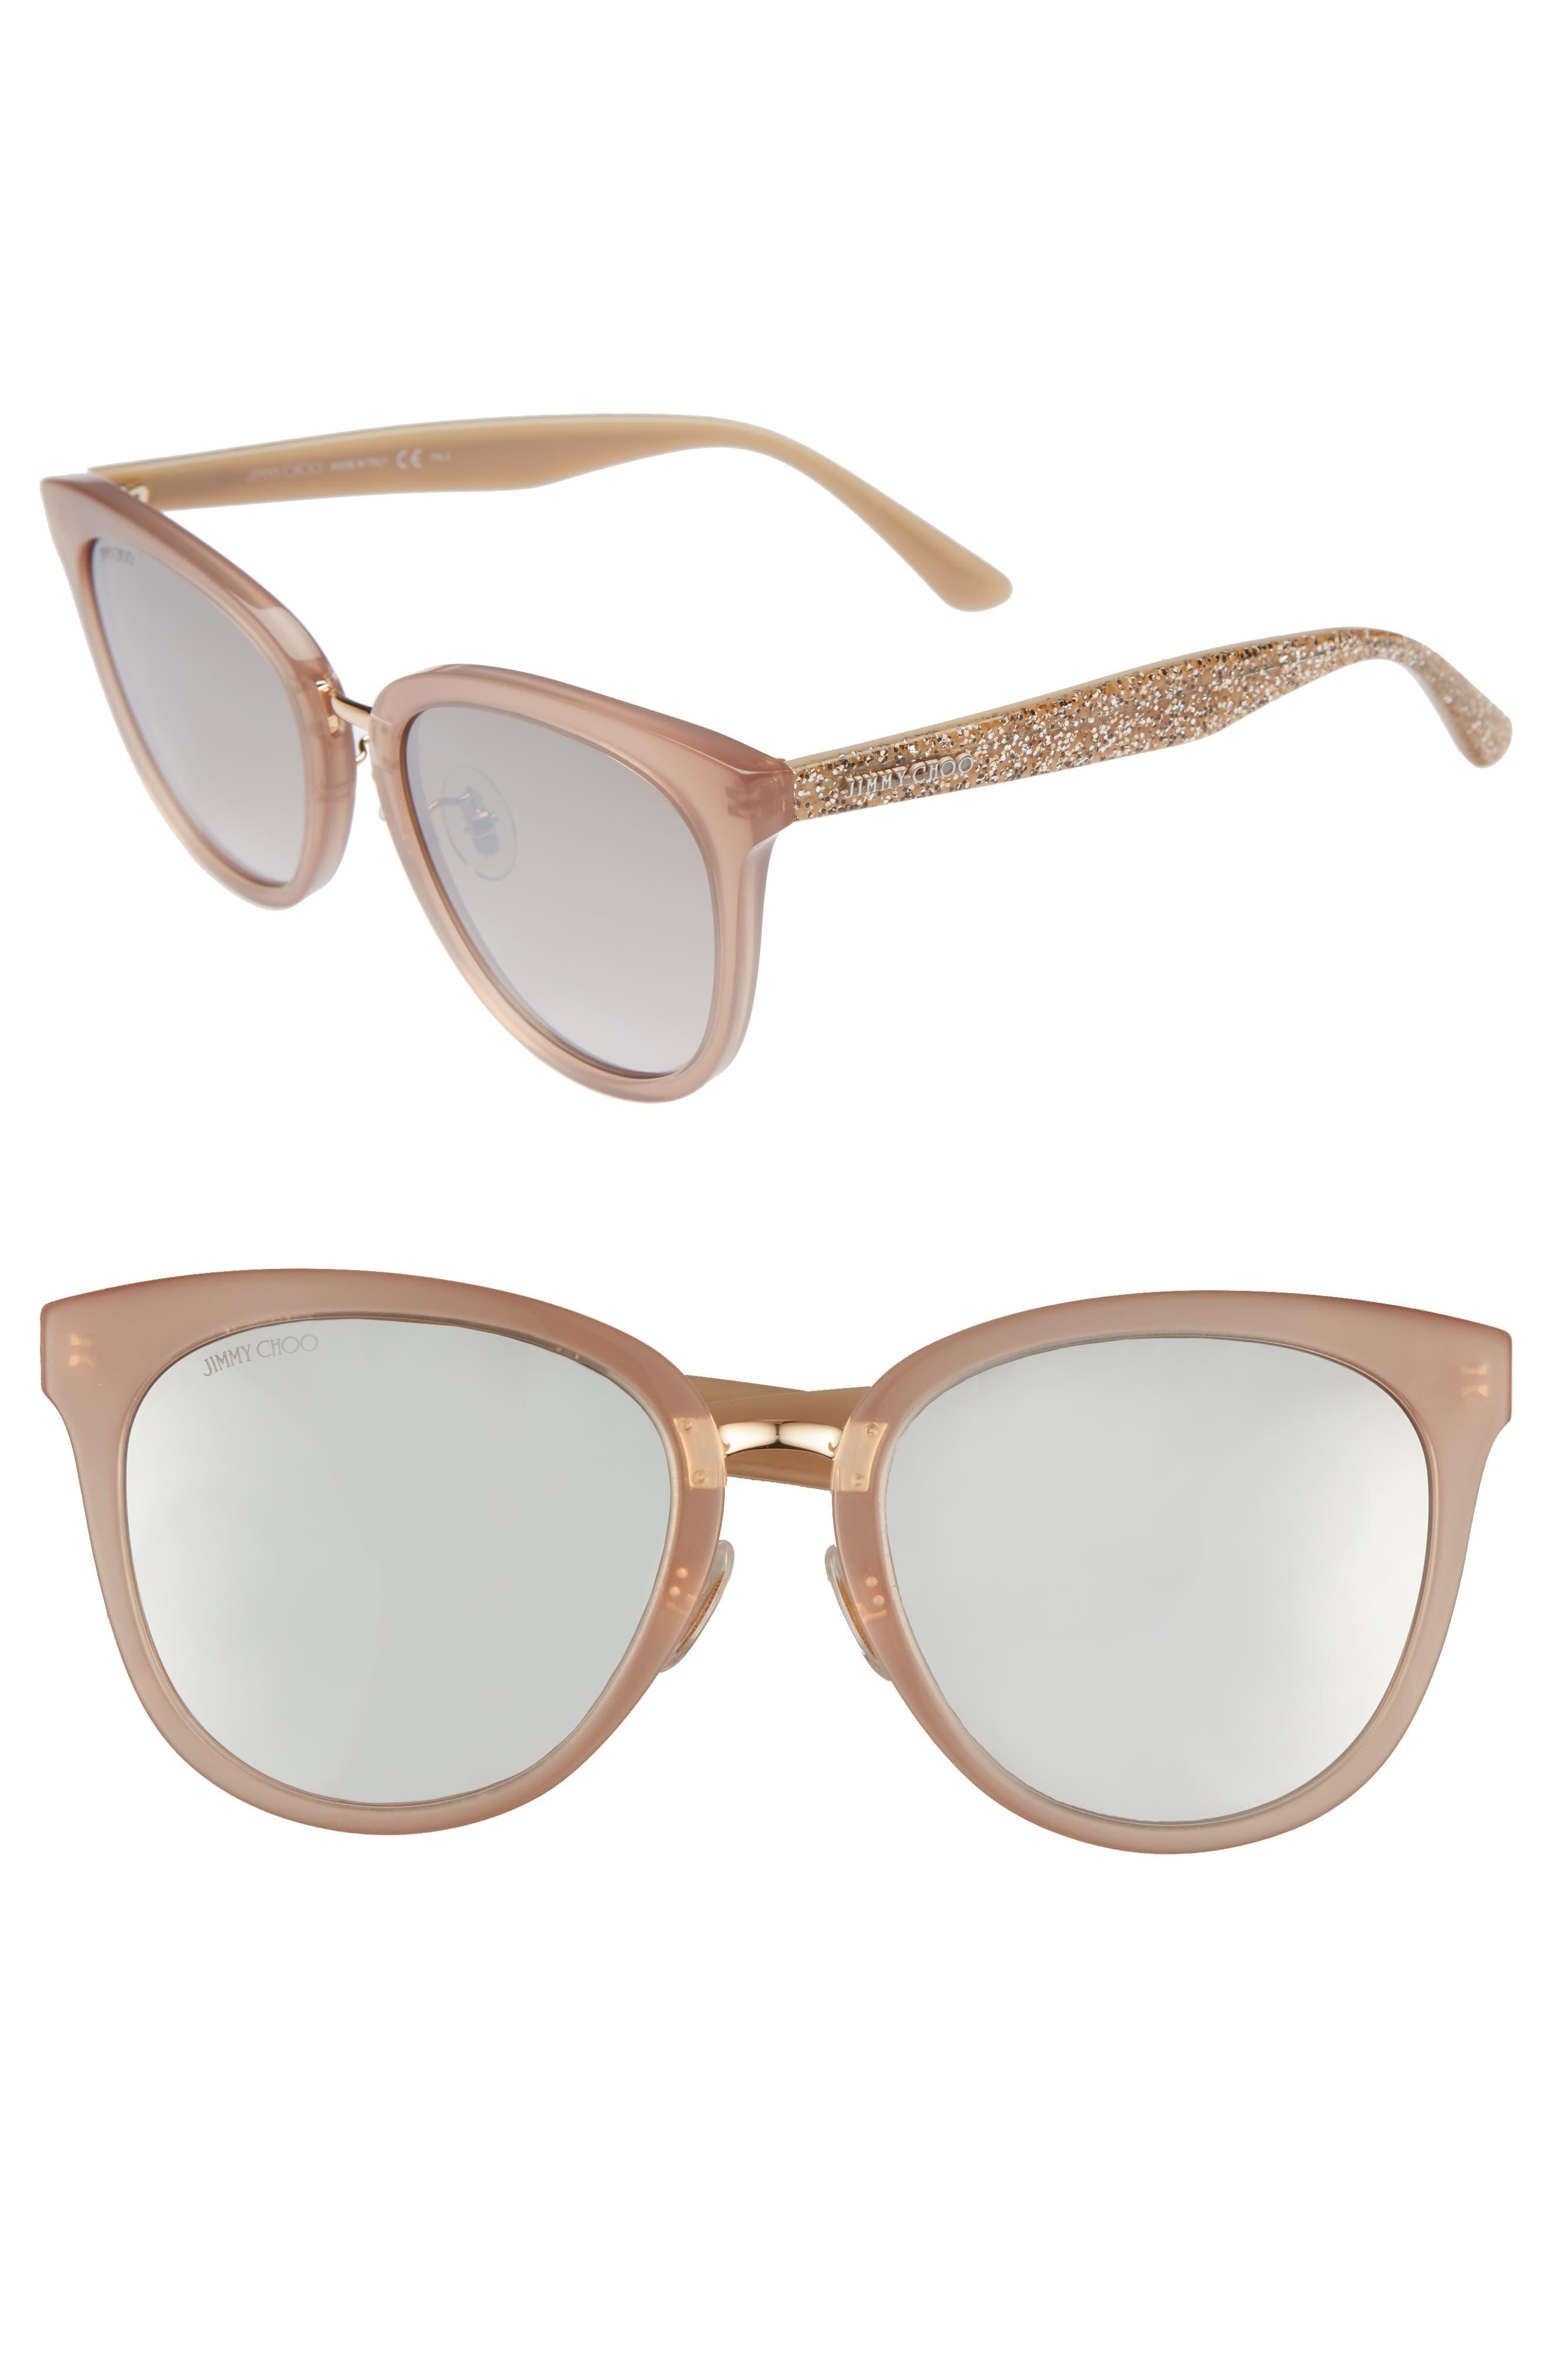 Jimmy Choo Cadefs 55mm Sunglasses